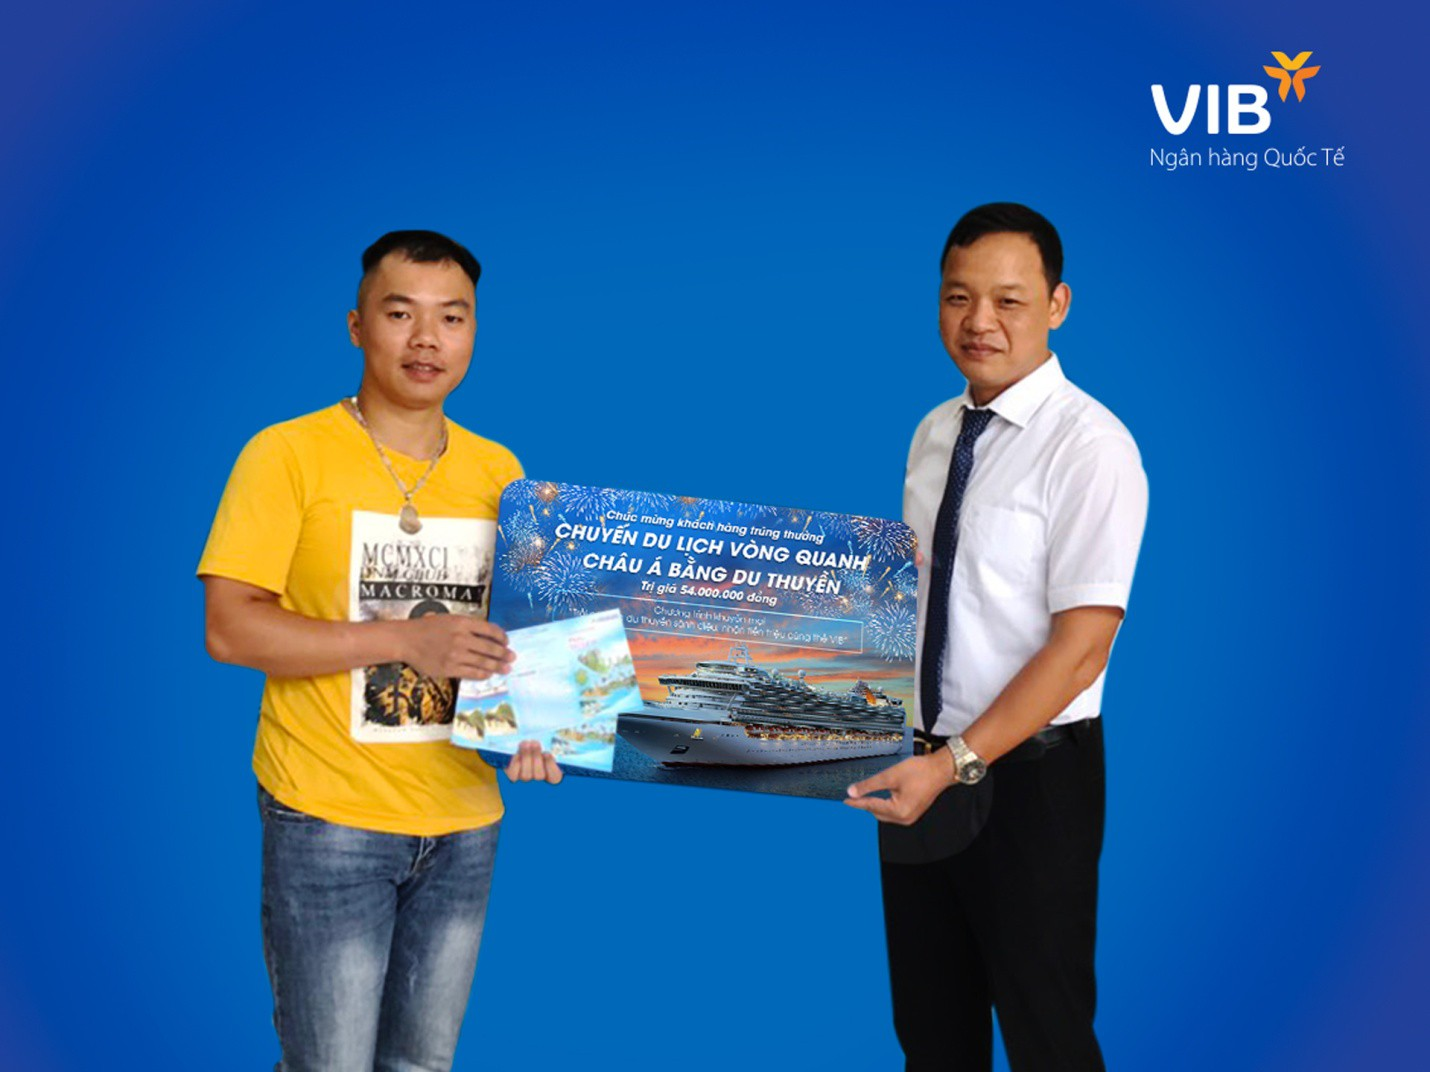 Chủ thẻ tín dụng VIB thứ 3 trúng cặp vé du thuyền châu Á - Ảnh 1.